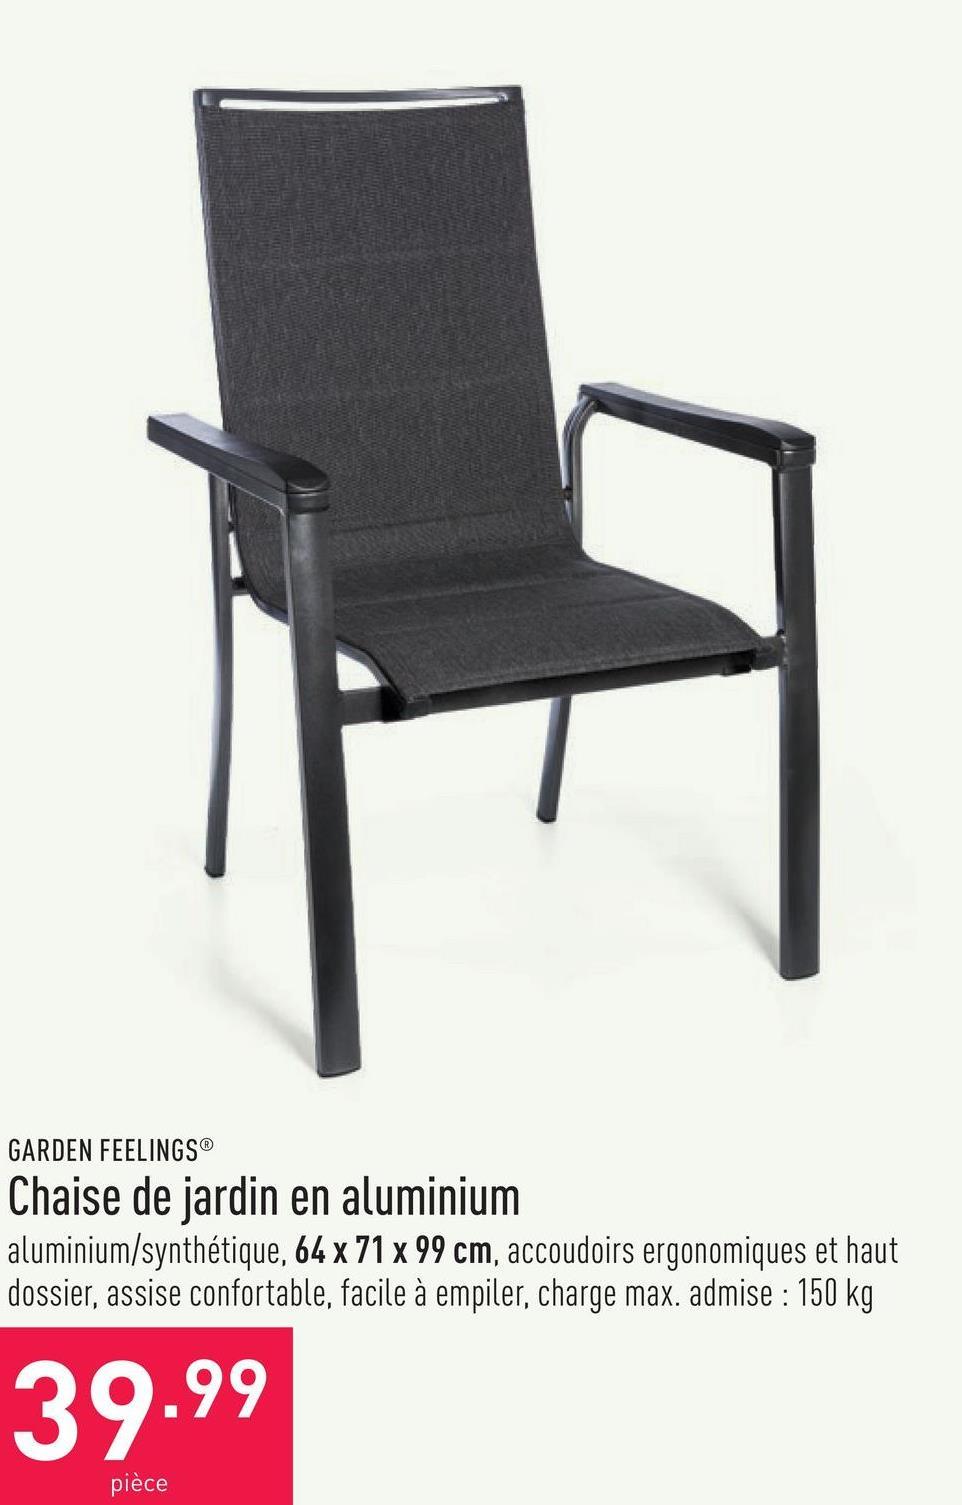 Chaise de jardin en aluminium aluminium/synthétique, 64 x 71 x 99 cm, accoudoirs ergonomiques et haut dossier, assise confortable, facile à empiler, charge max. admise : 150 kg